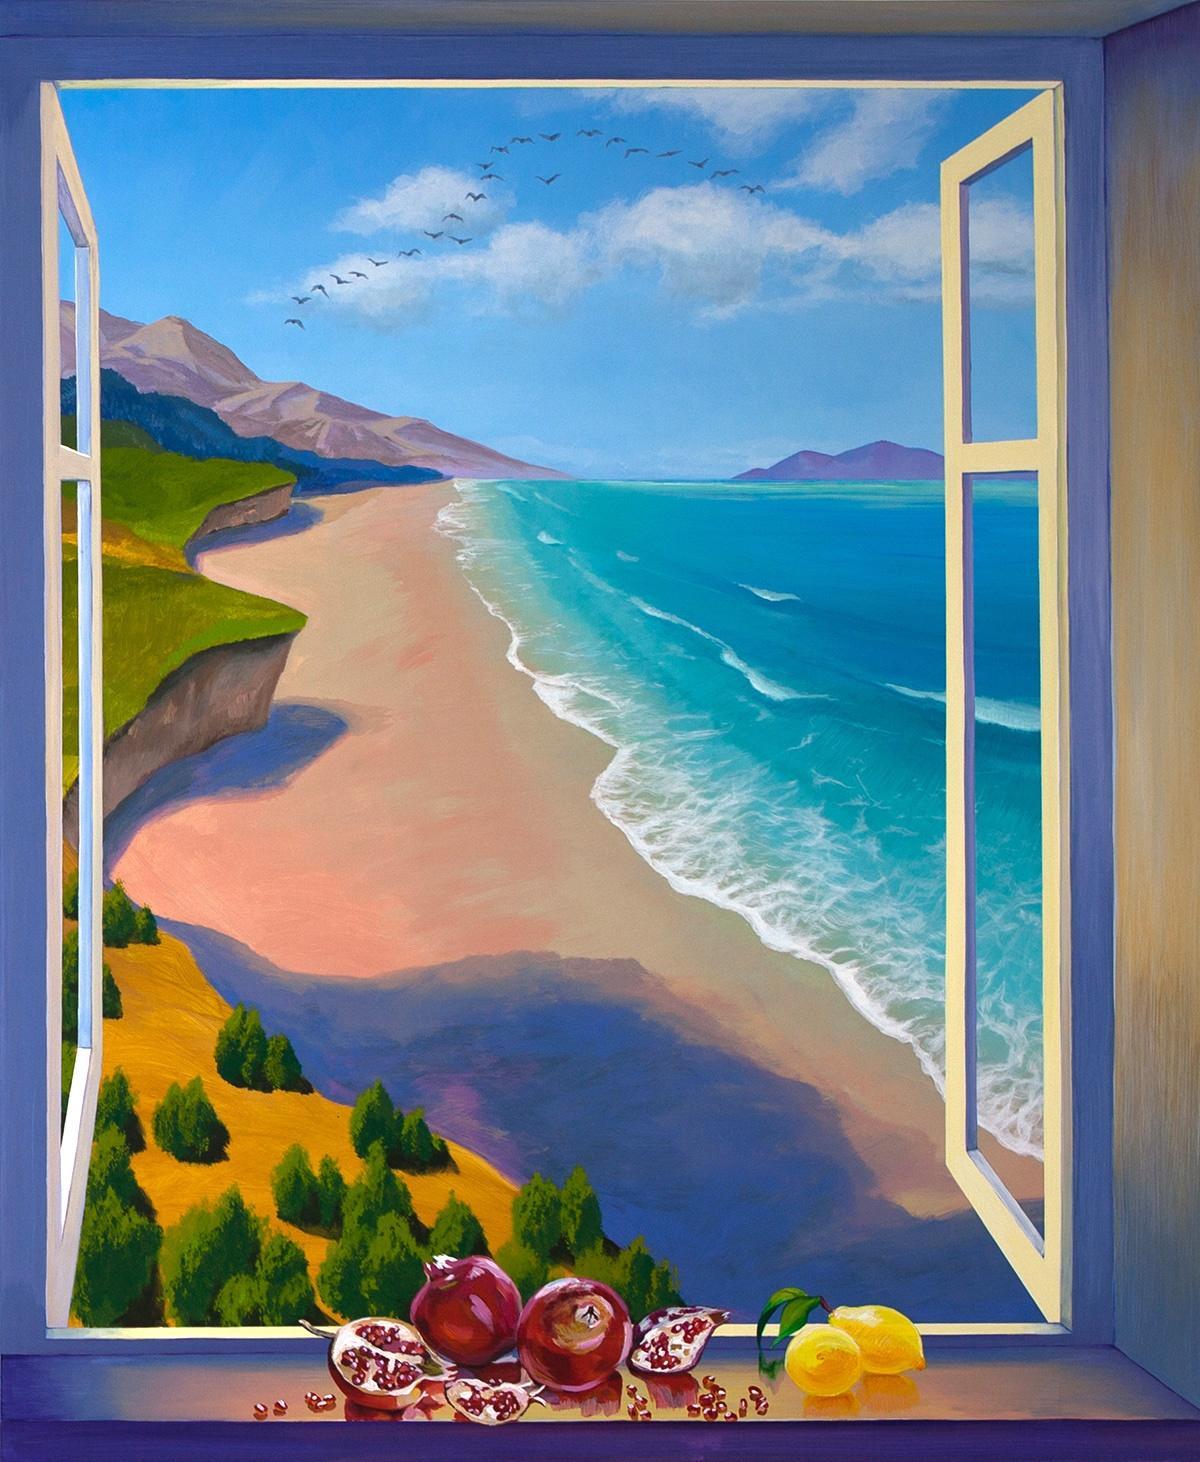 Fenster Malerei